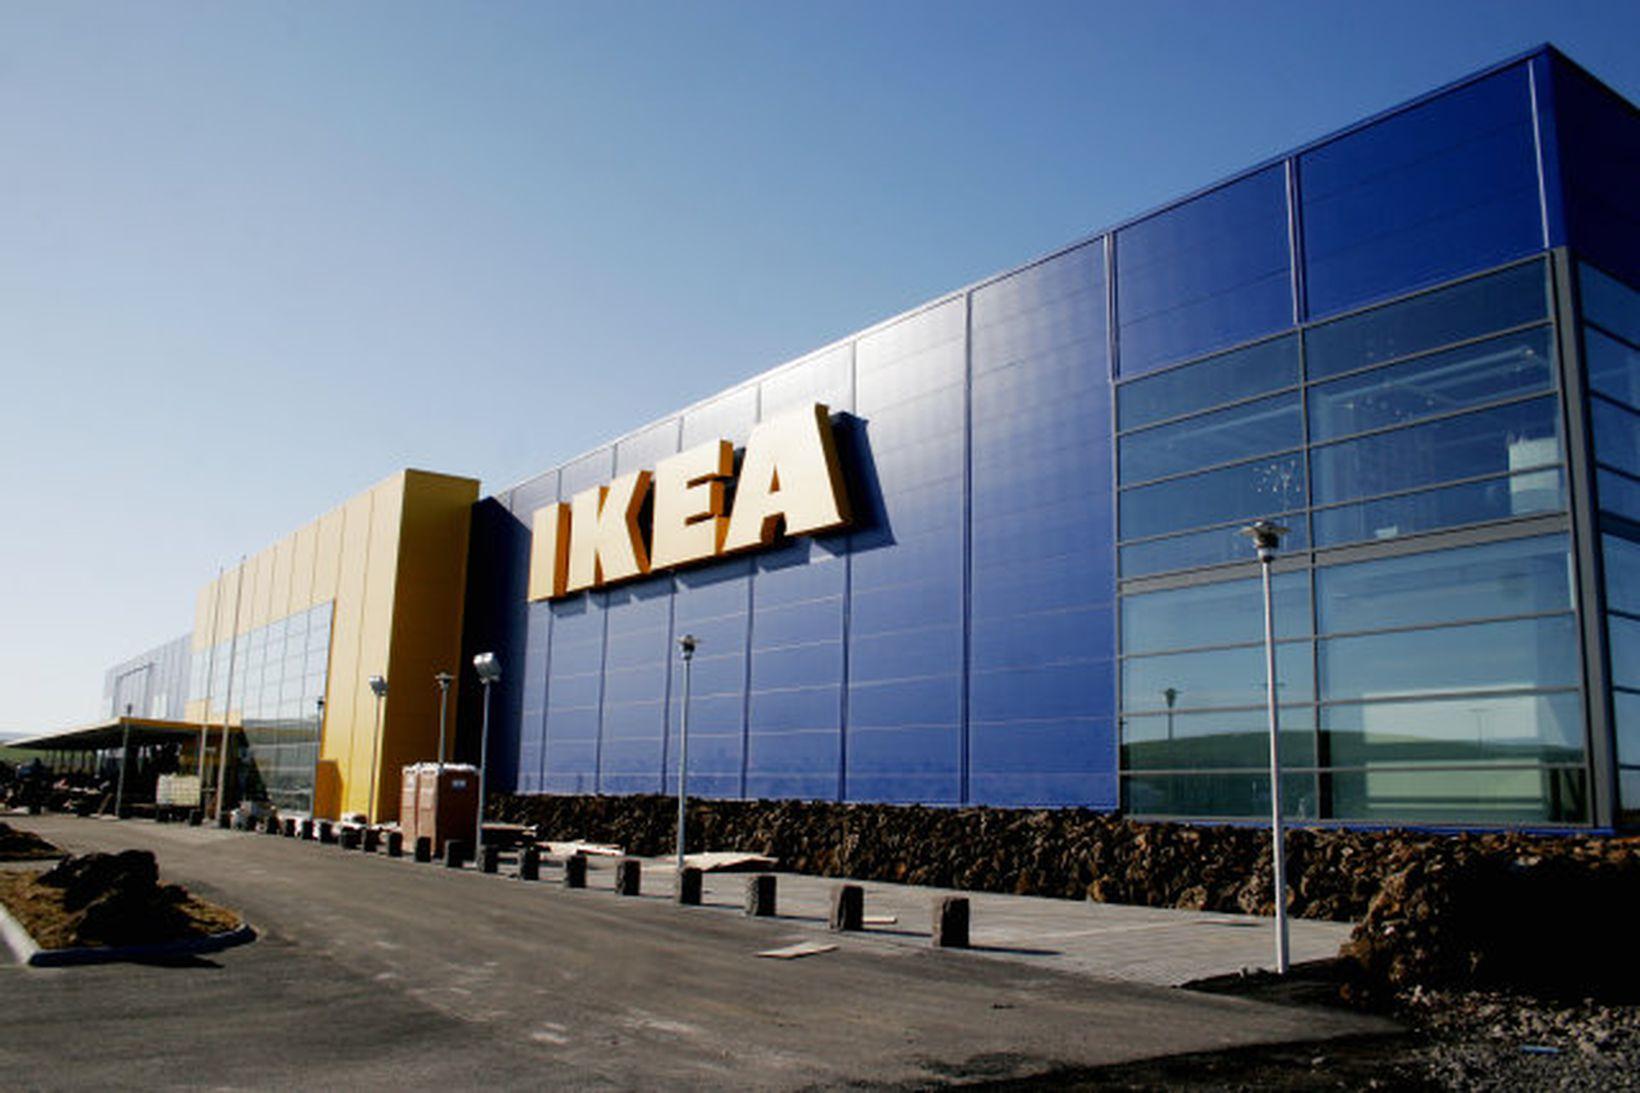 IKEA á Íslandi kallar eftir samstöðu um lækkun vöruverðs í …